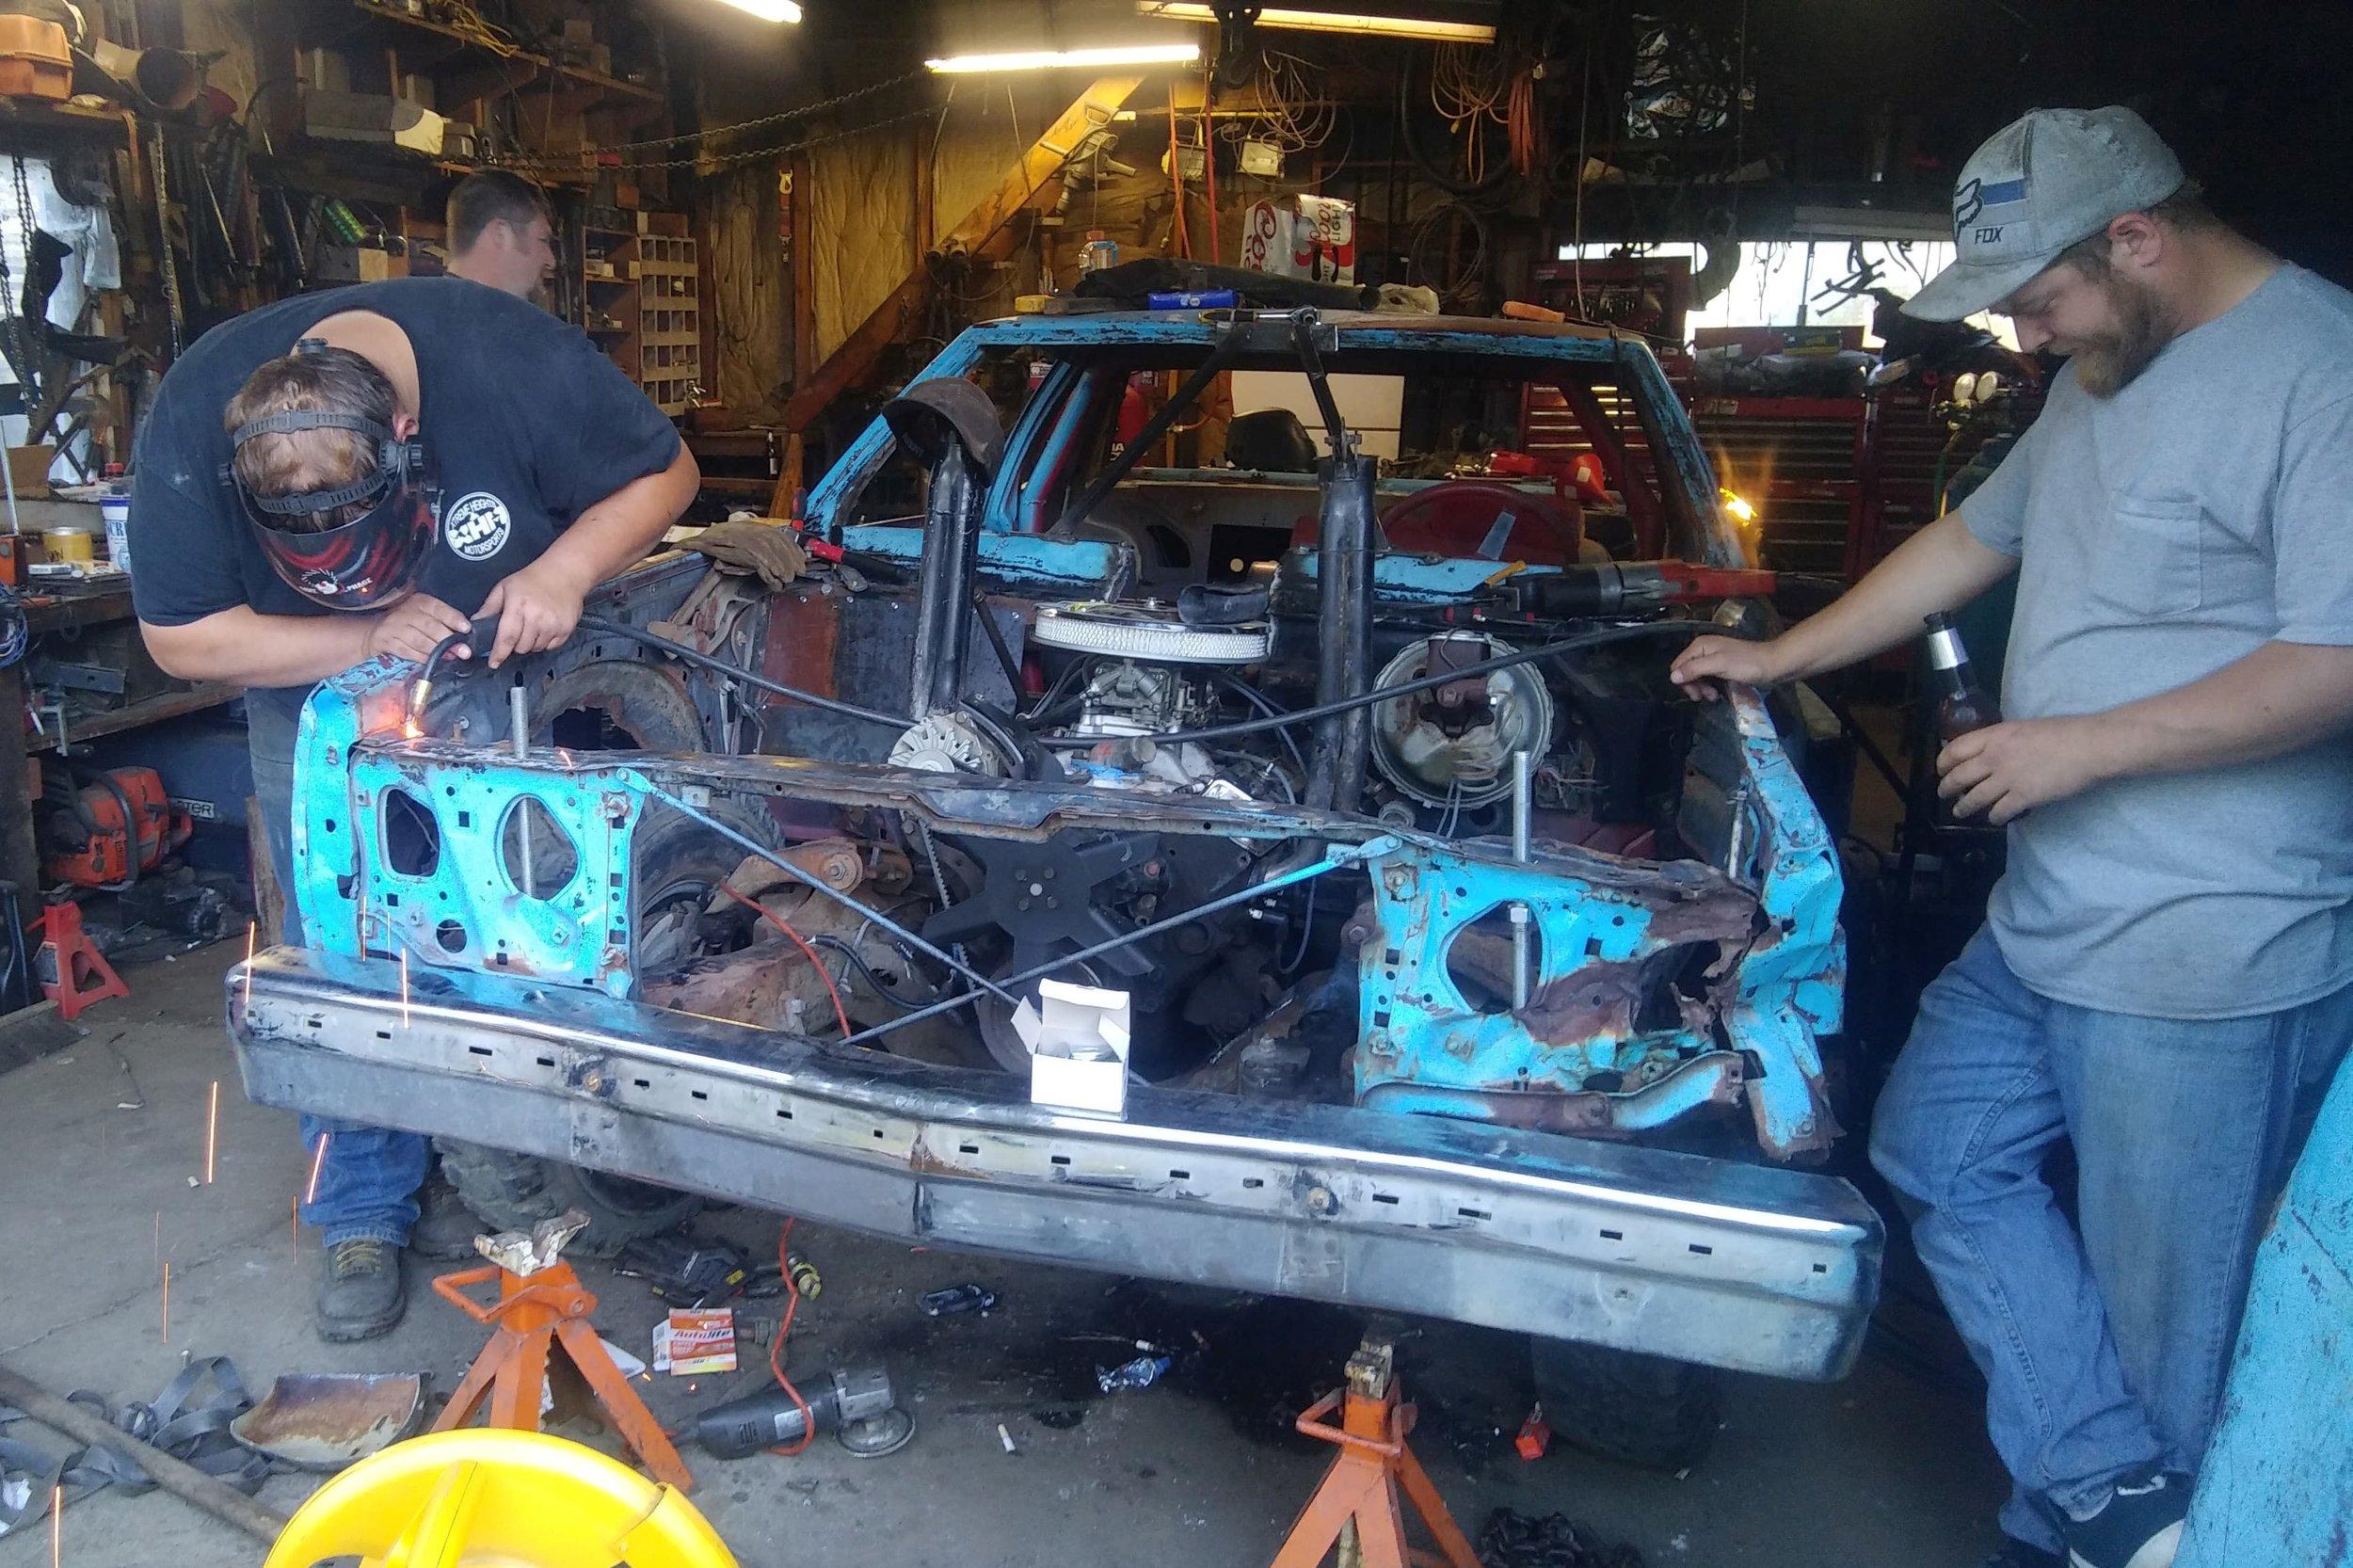 #911 Creighton Moore - Hometown: Elgin, ORAge: 34Experience: 1 yearSponsors: Western Steel Supply, Wolfco Timber Services, S.K.N. Lumber, Elgin Auto Parts, C'Zers Drive-In, Les Schwab